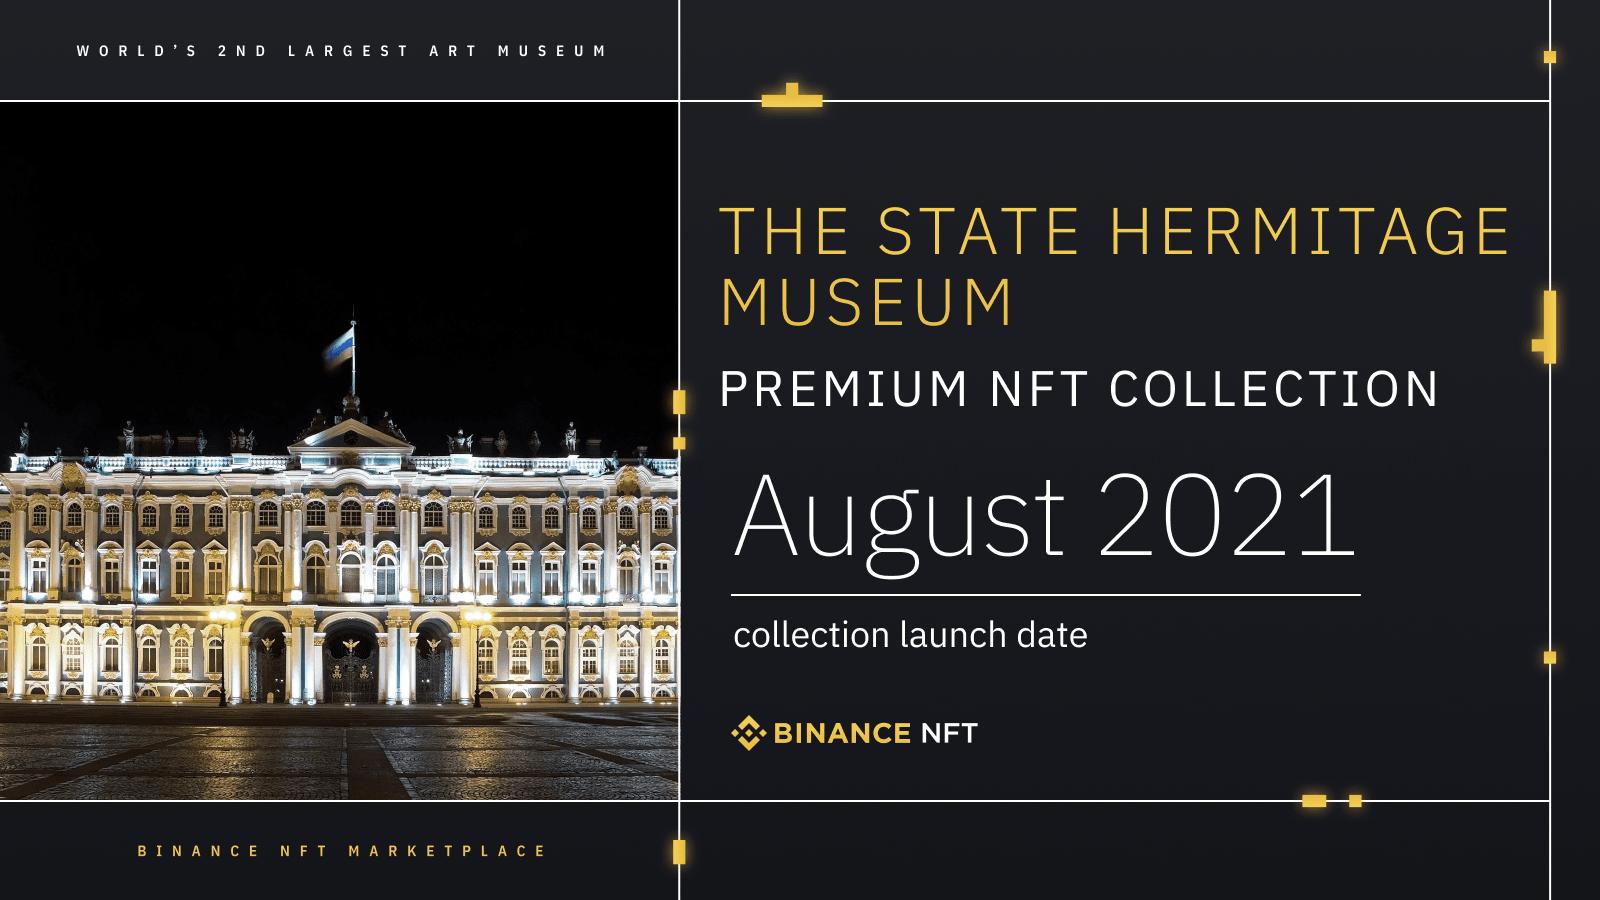 ตลาดซื้อขาย Binance NFT นำเสนองานศิลปะที่เป็นโทเค็น รวมถึง Leonardo da Vinci จากพิพิธภัณฑ์ The State Hermitage